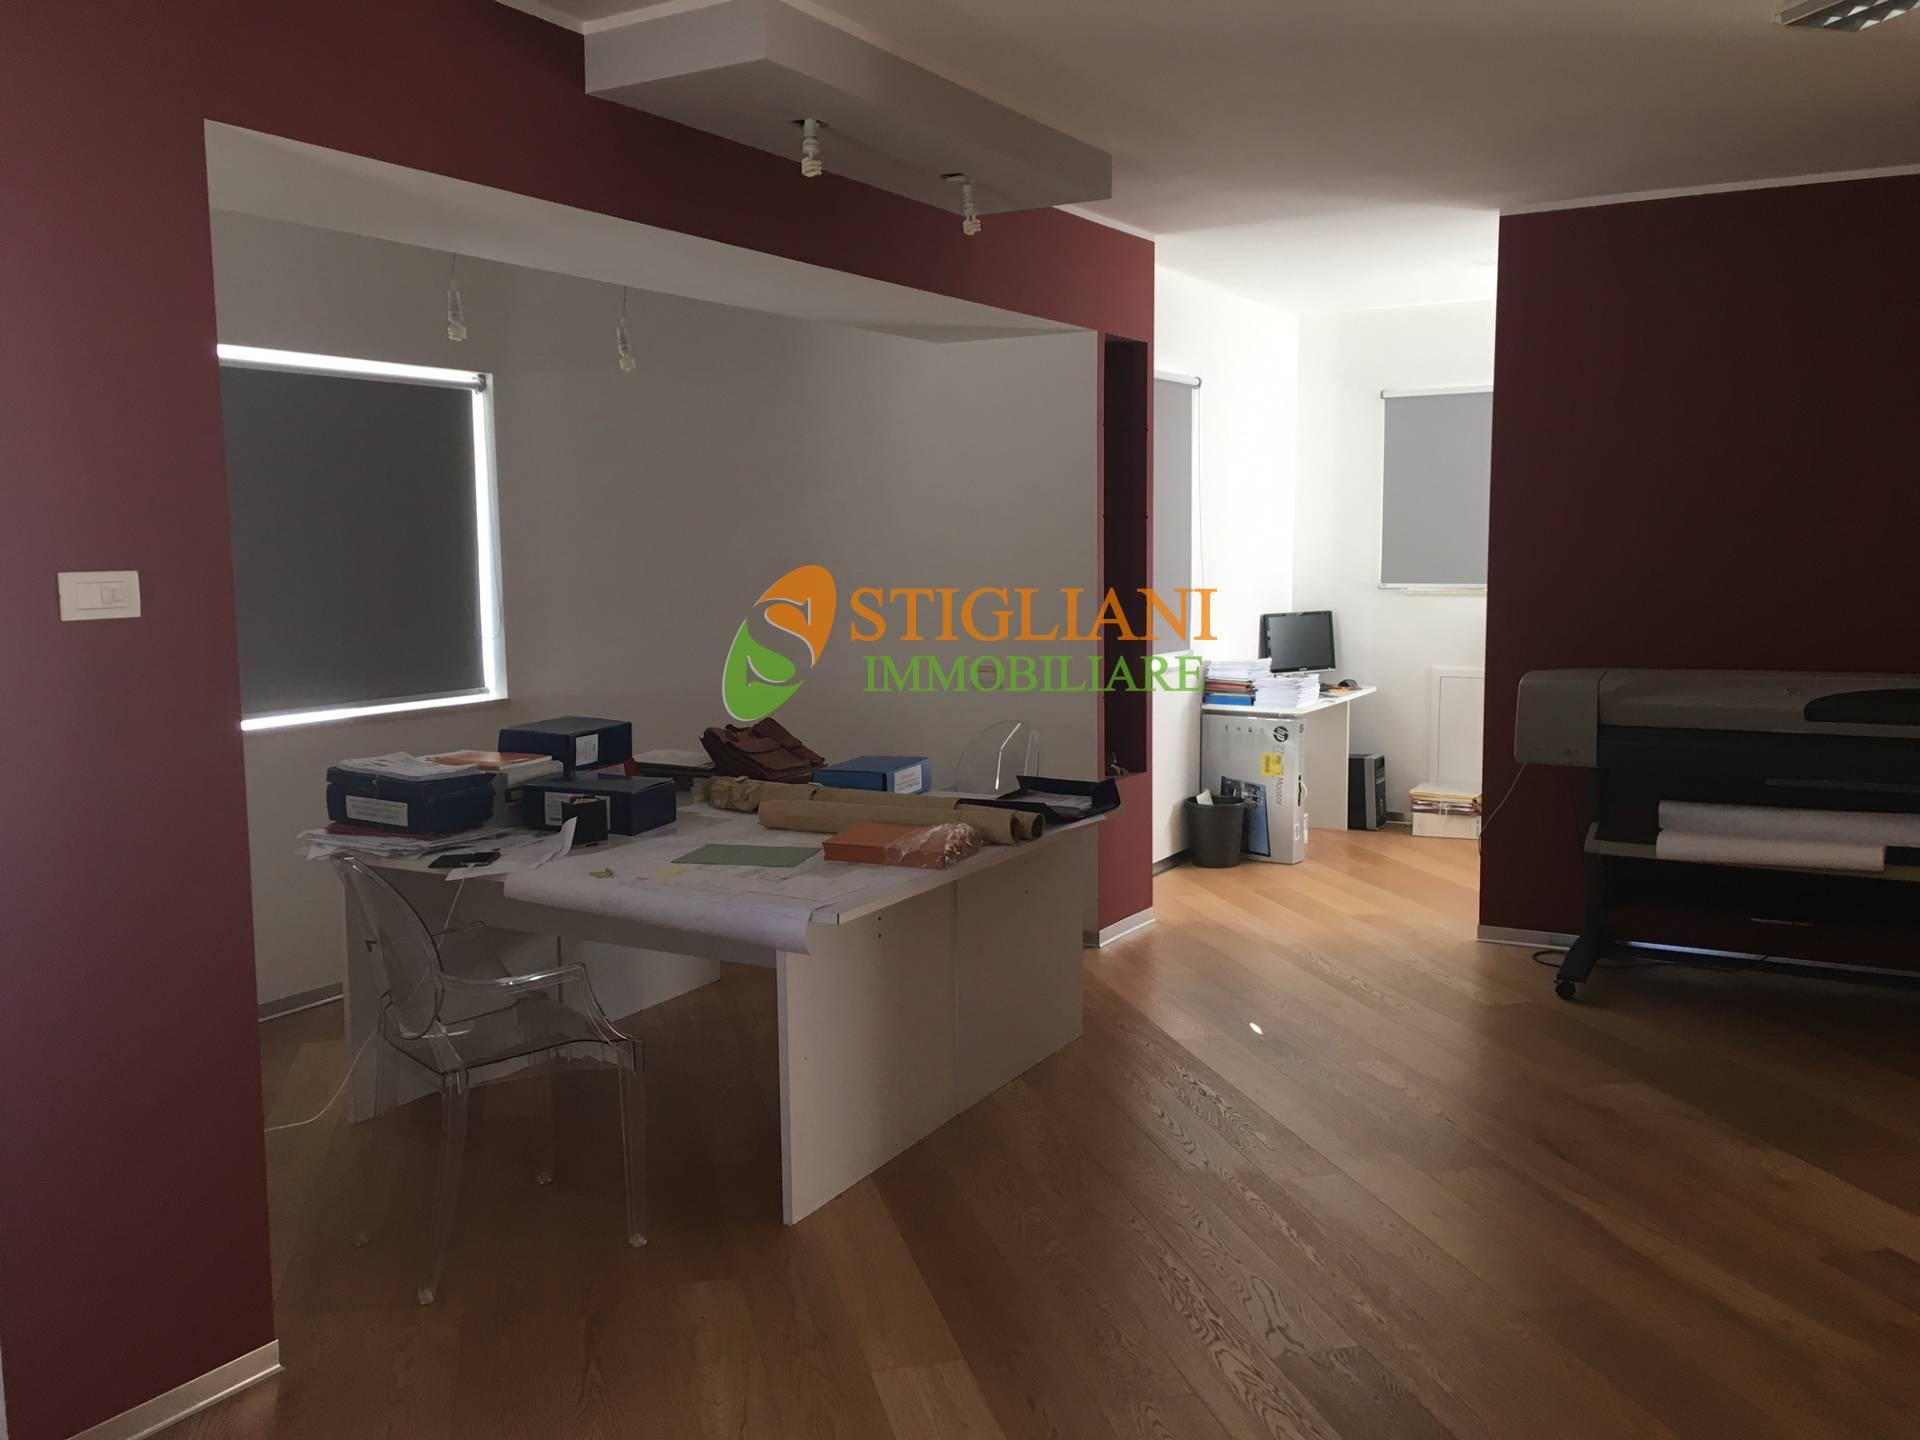 Ufficio / Studio in vendita a Campobasso, 9999 locali, zona Località: ViaFolchi, prezzo € 140.000 | CambioCasa.it